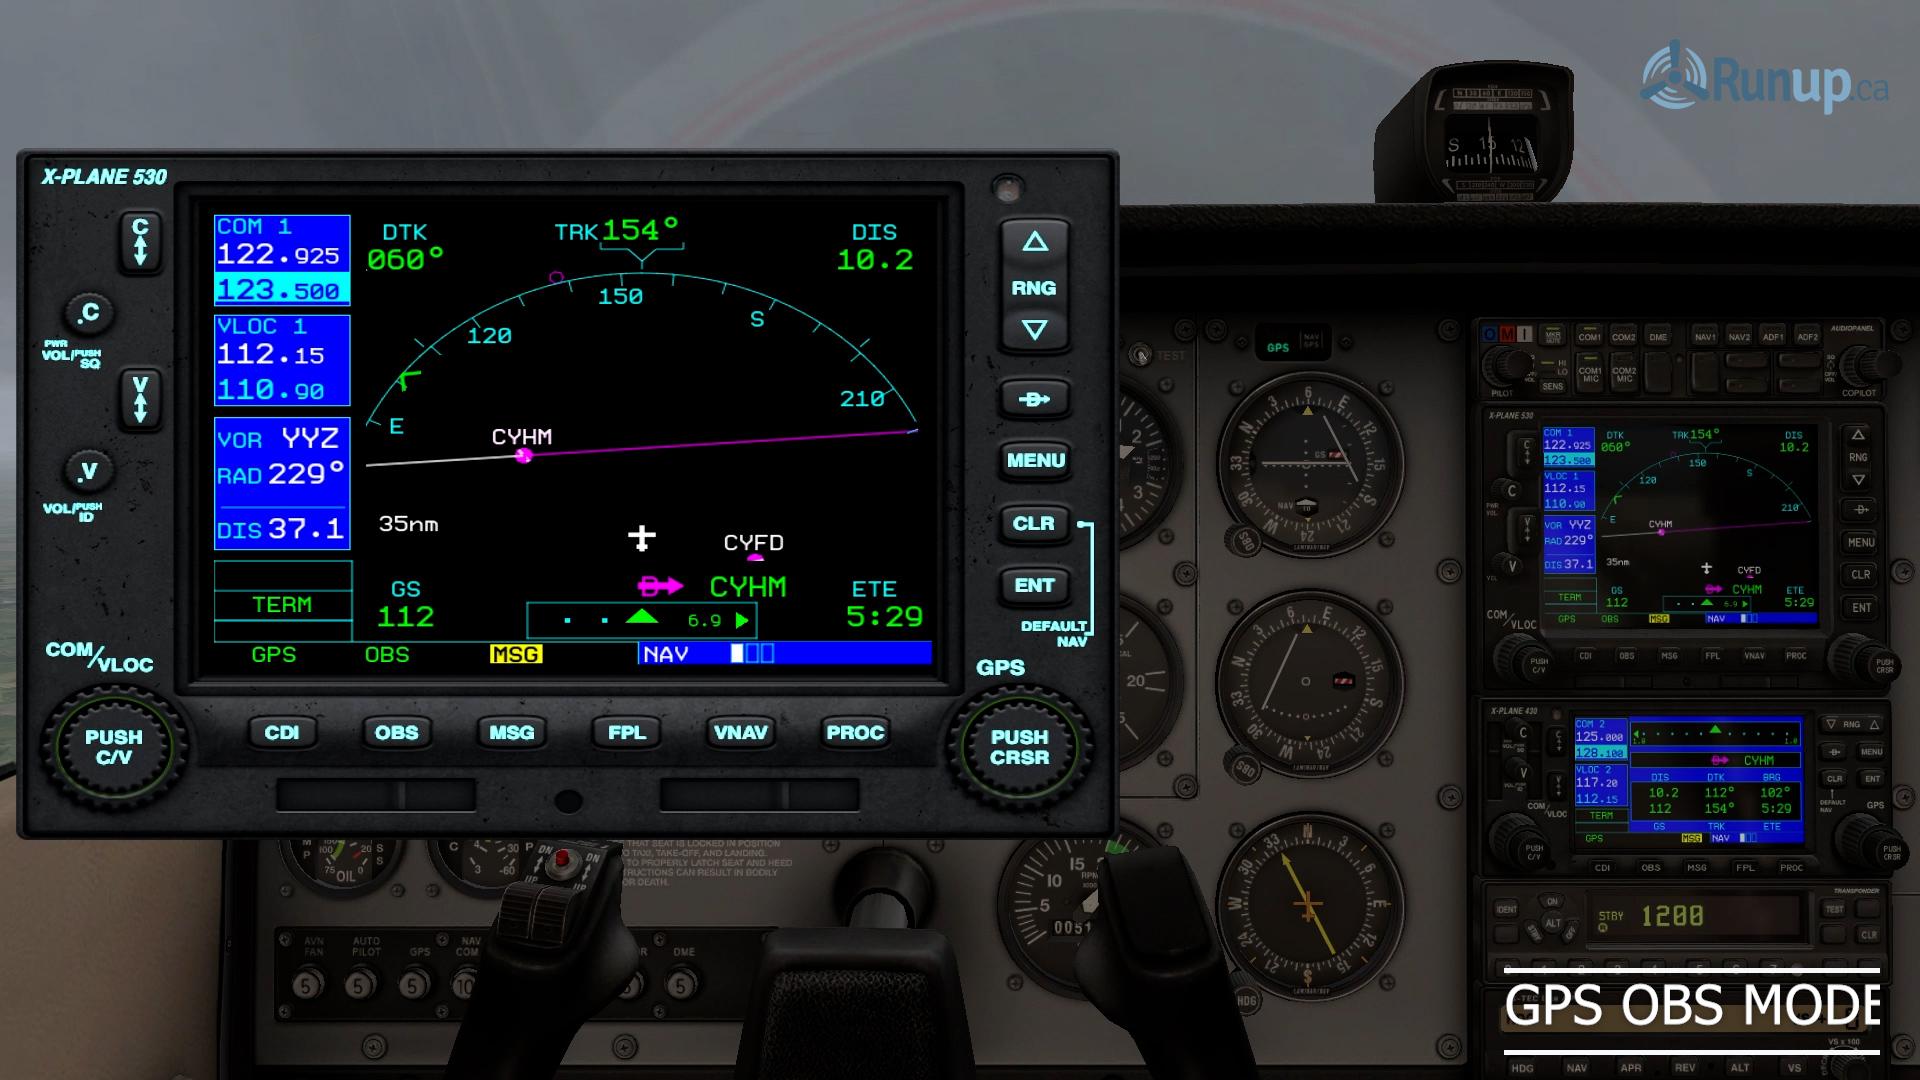 Garmin 530 GPS in OBS Mode